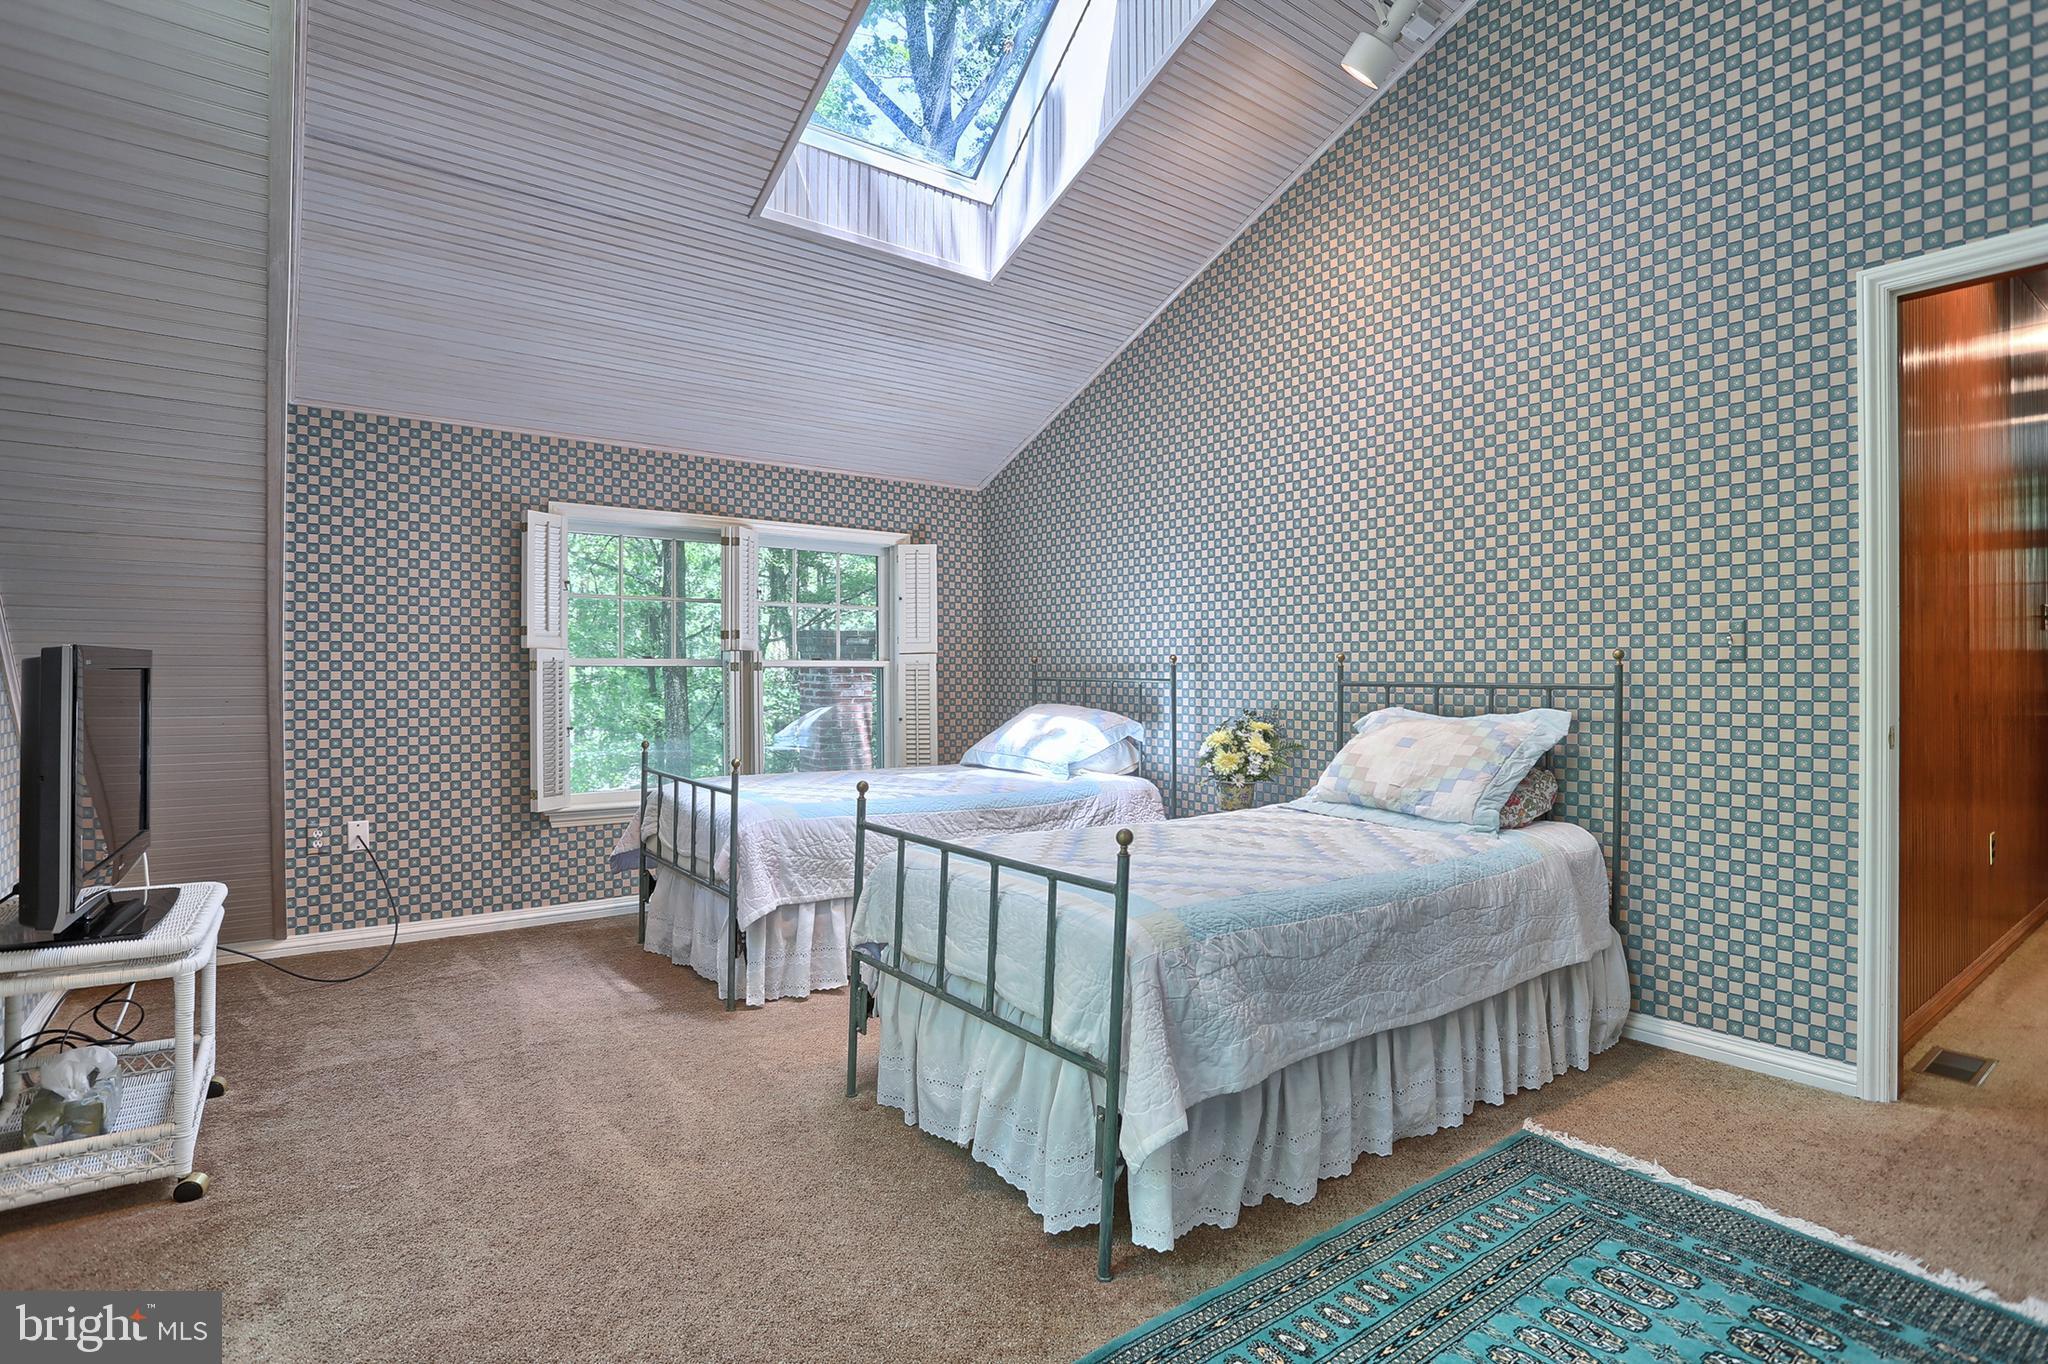 Another view of 3rd floor bedroom